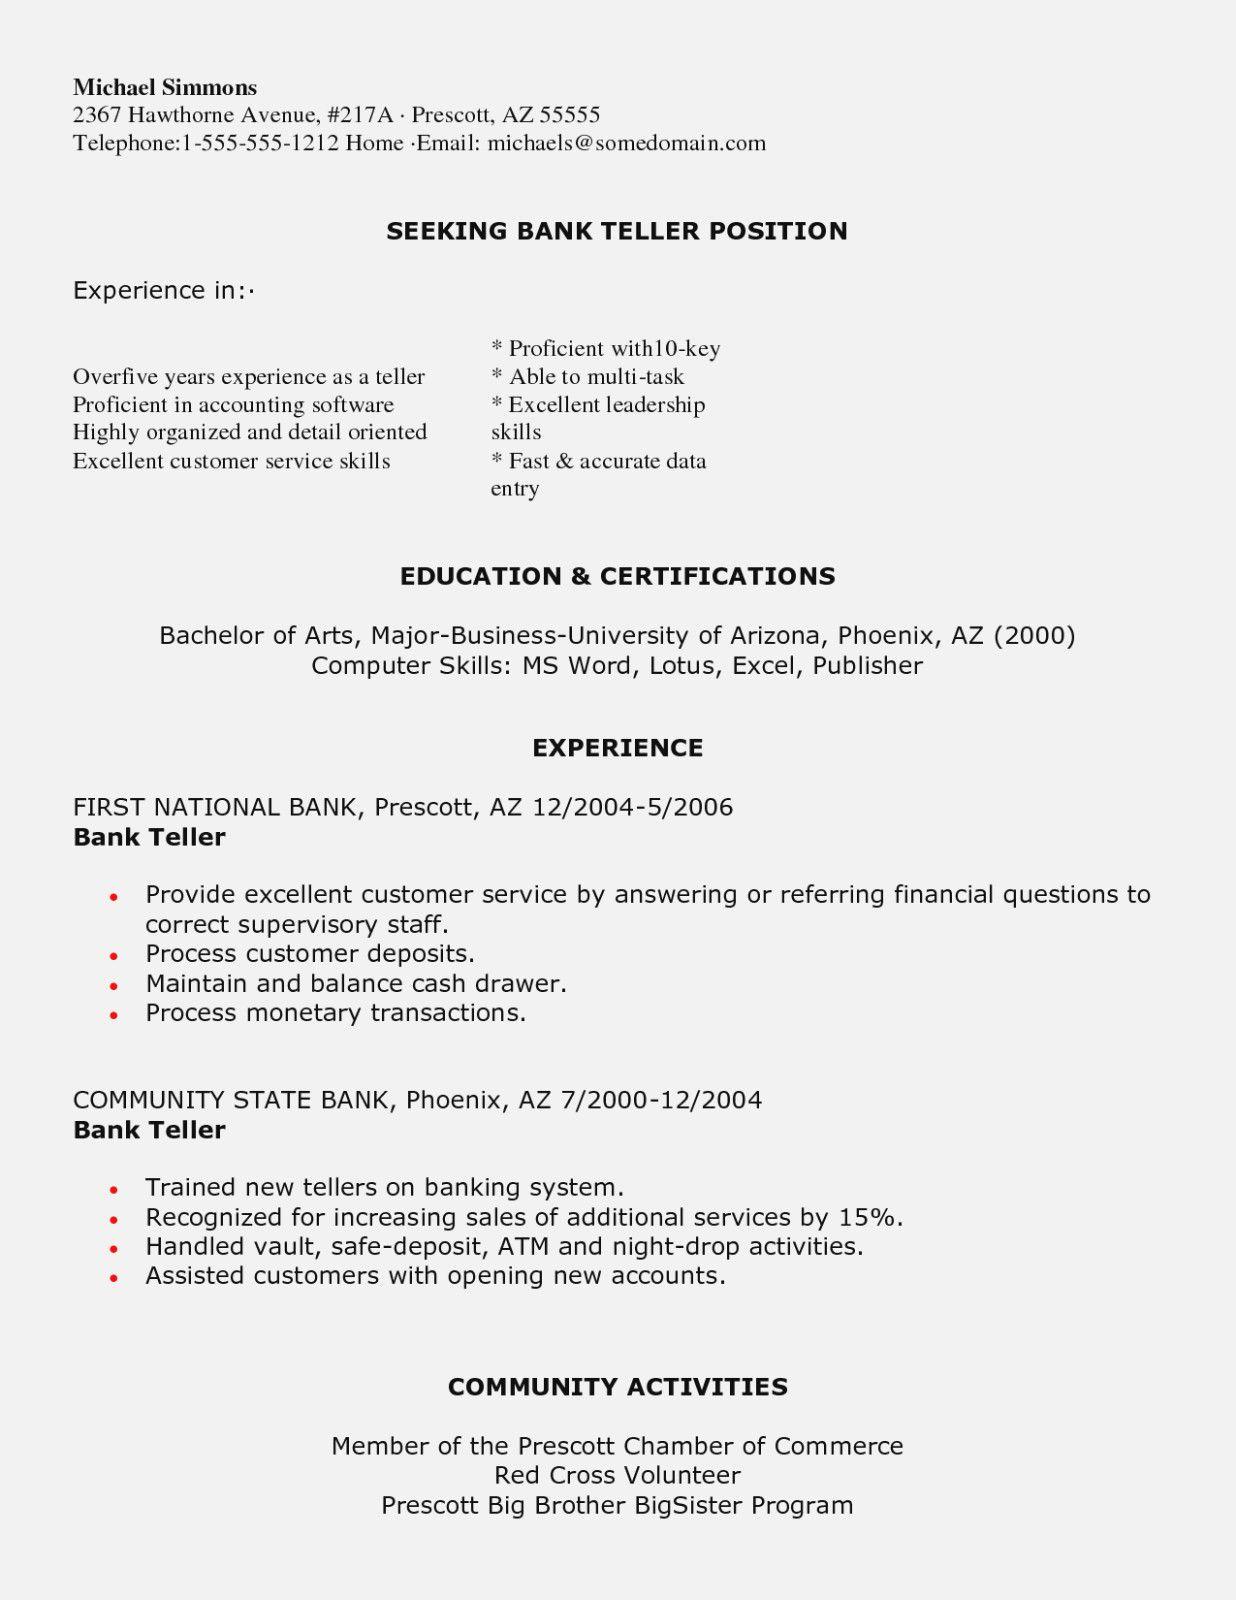 Bank Teller Resume Objective Bank Teller Resume Sample